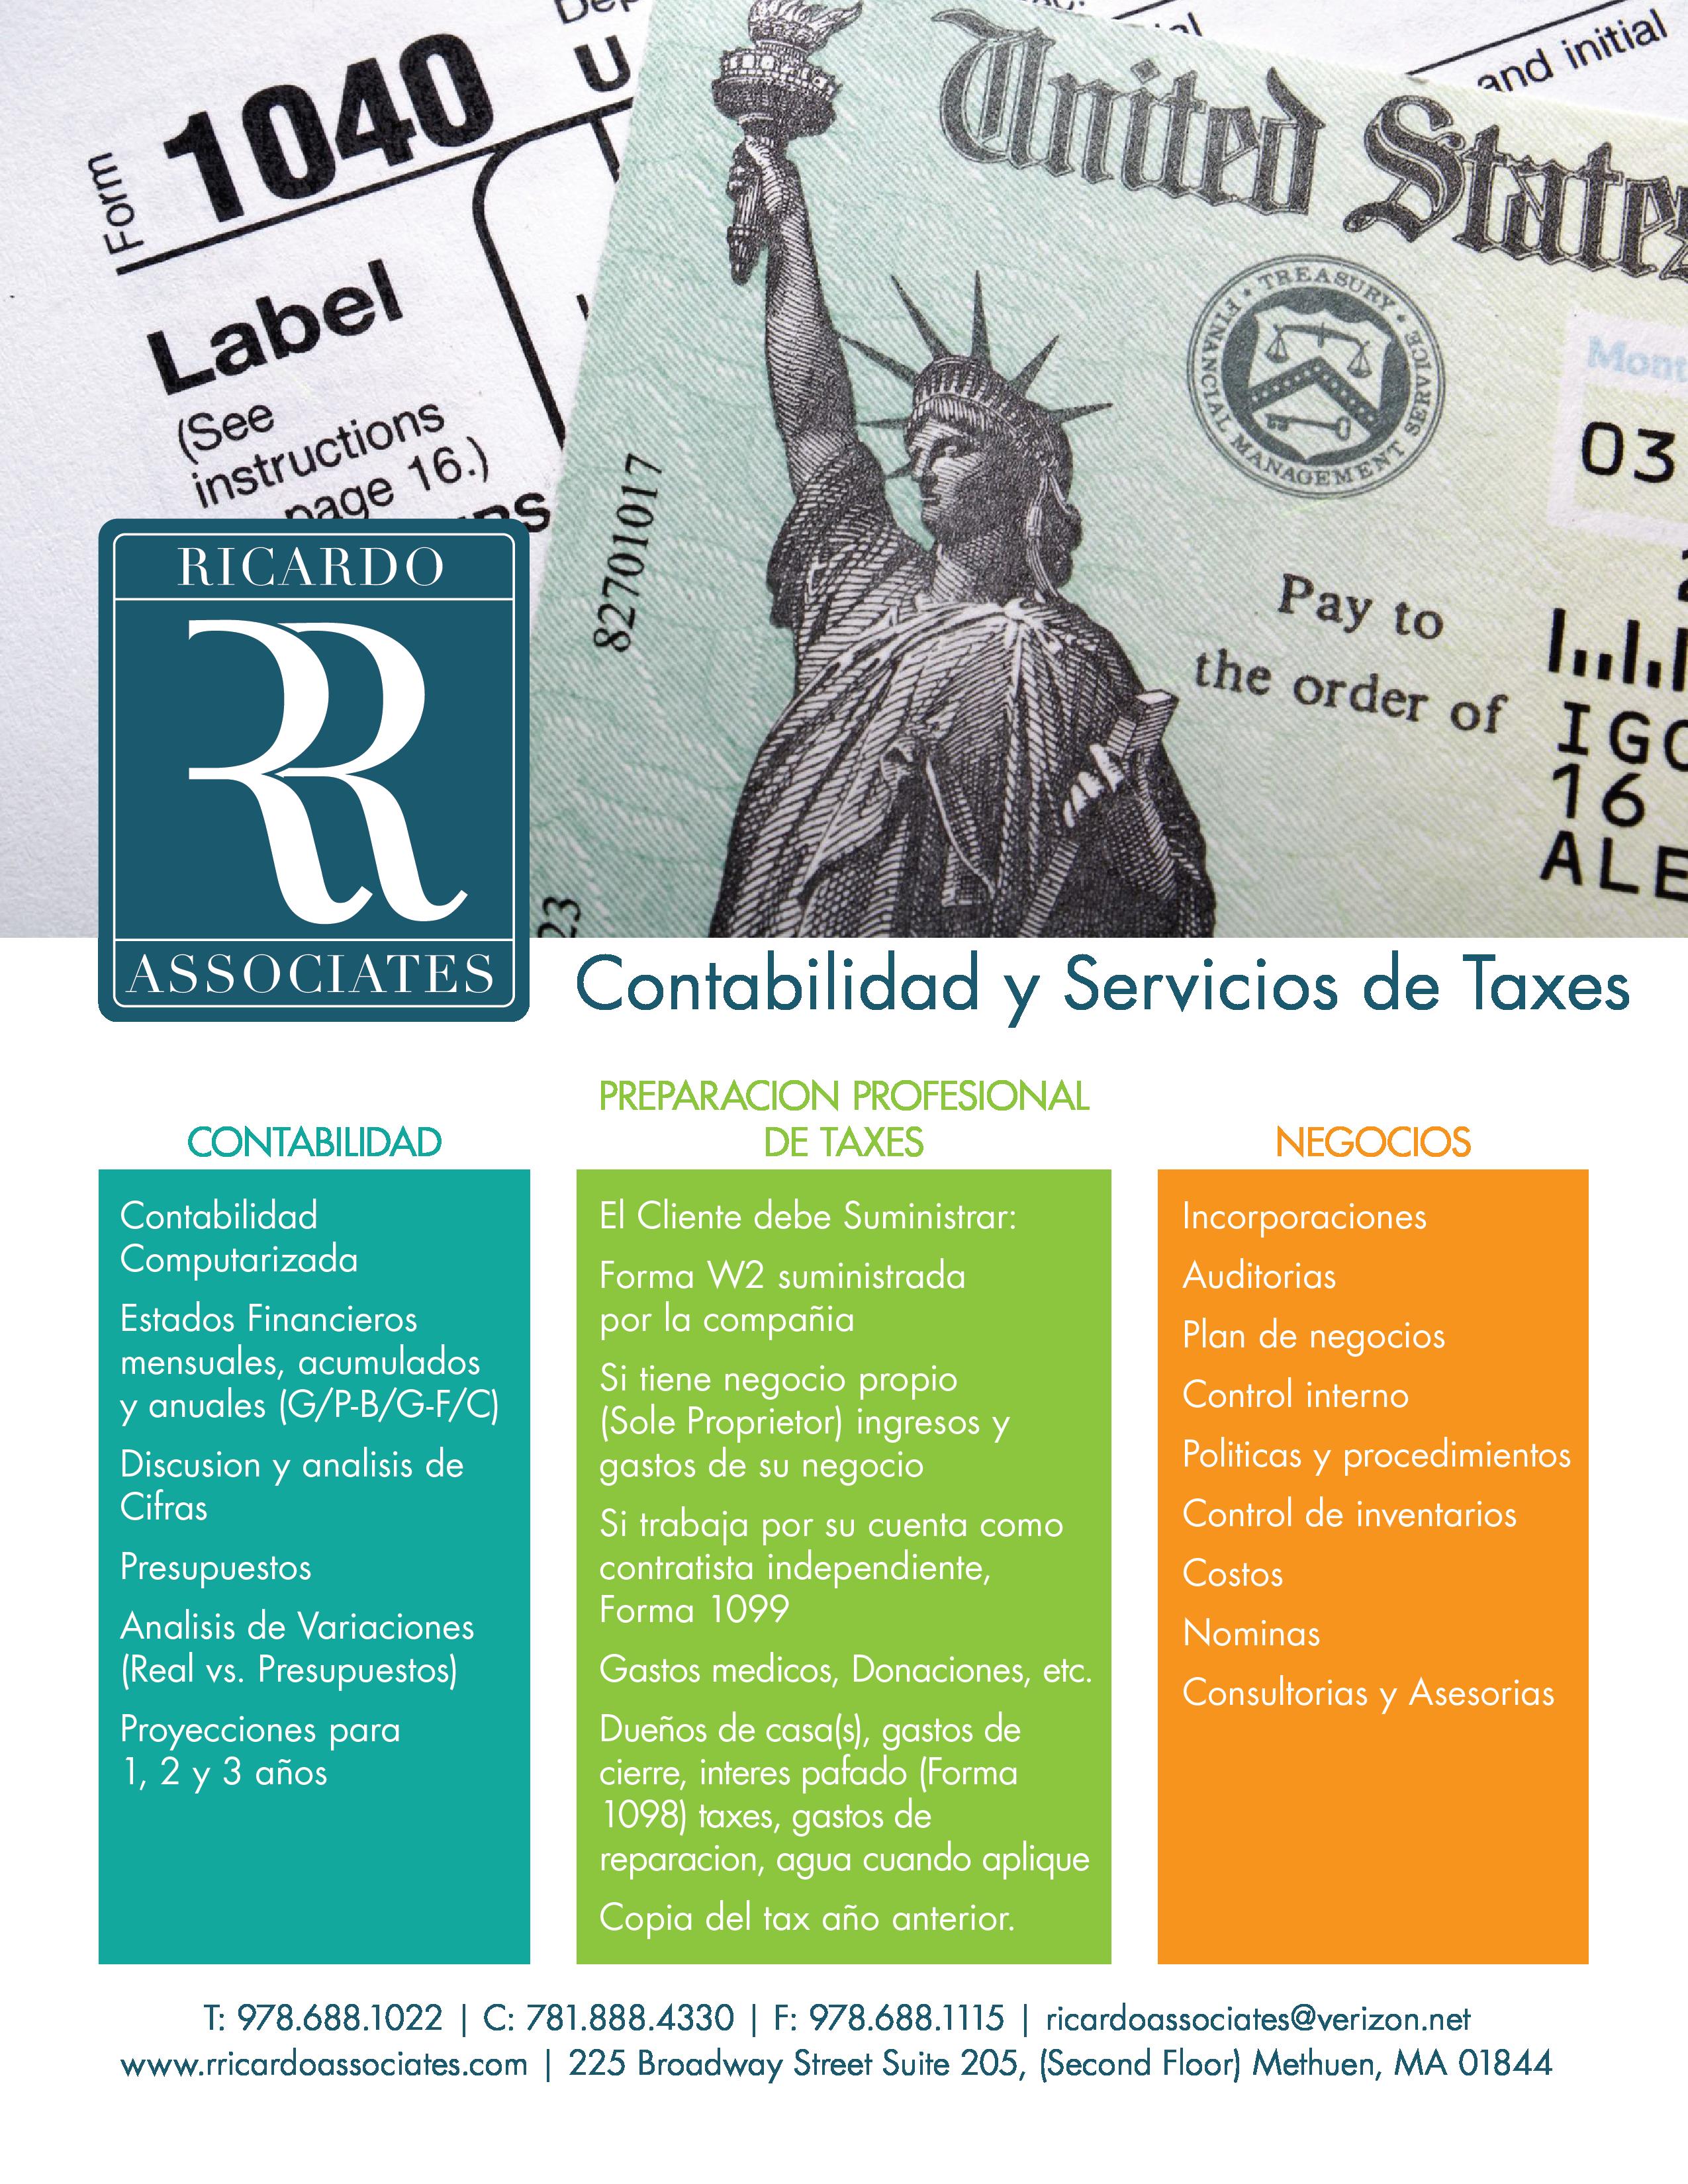 Contabilidad y Servicios de Taxes